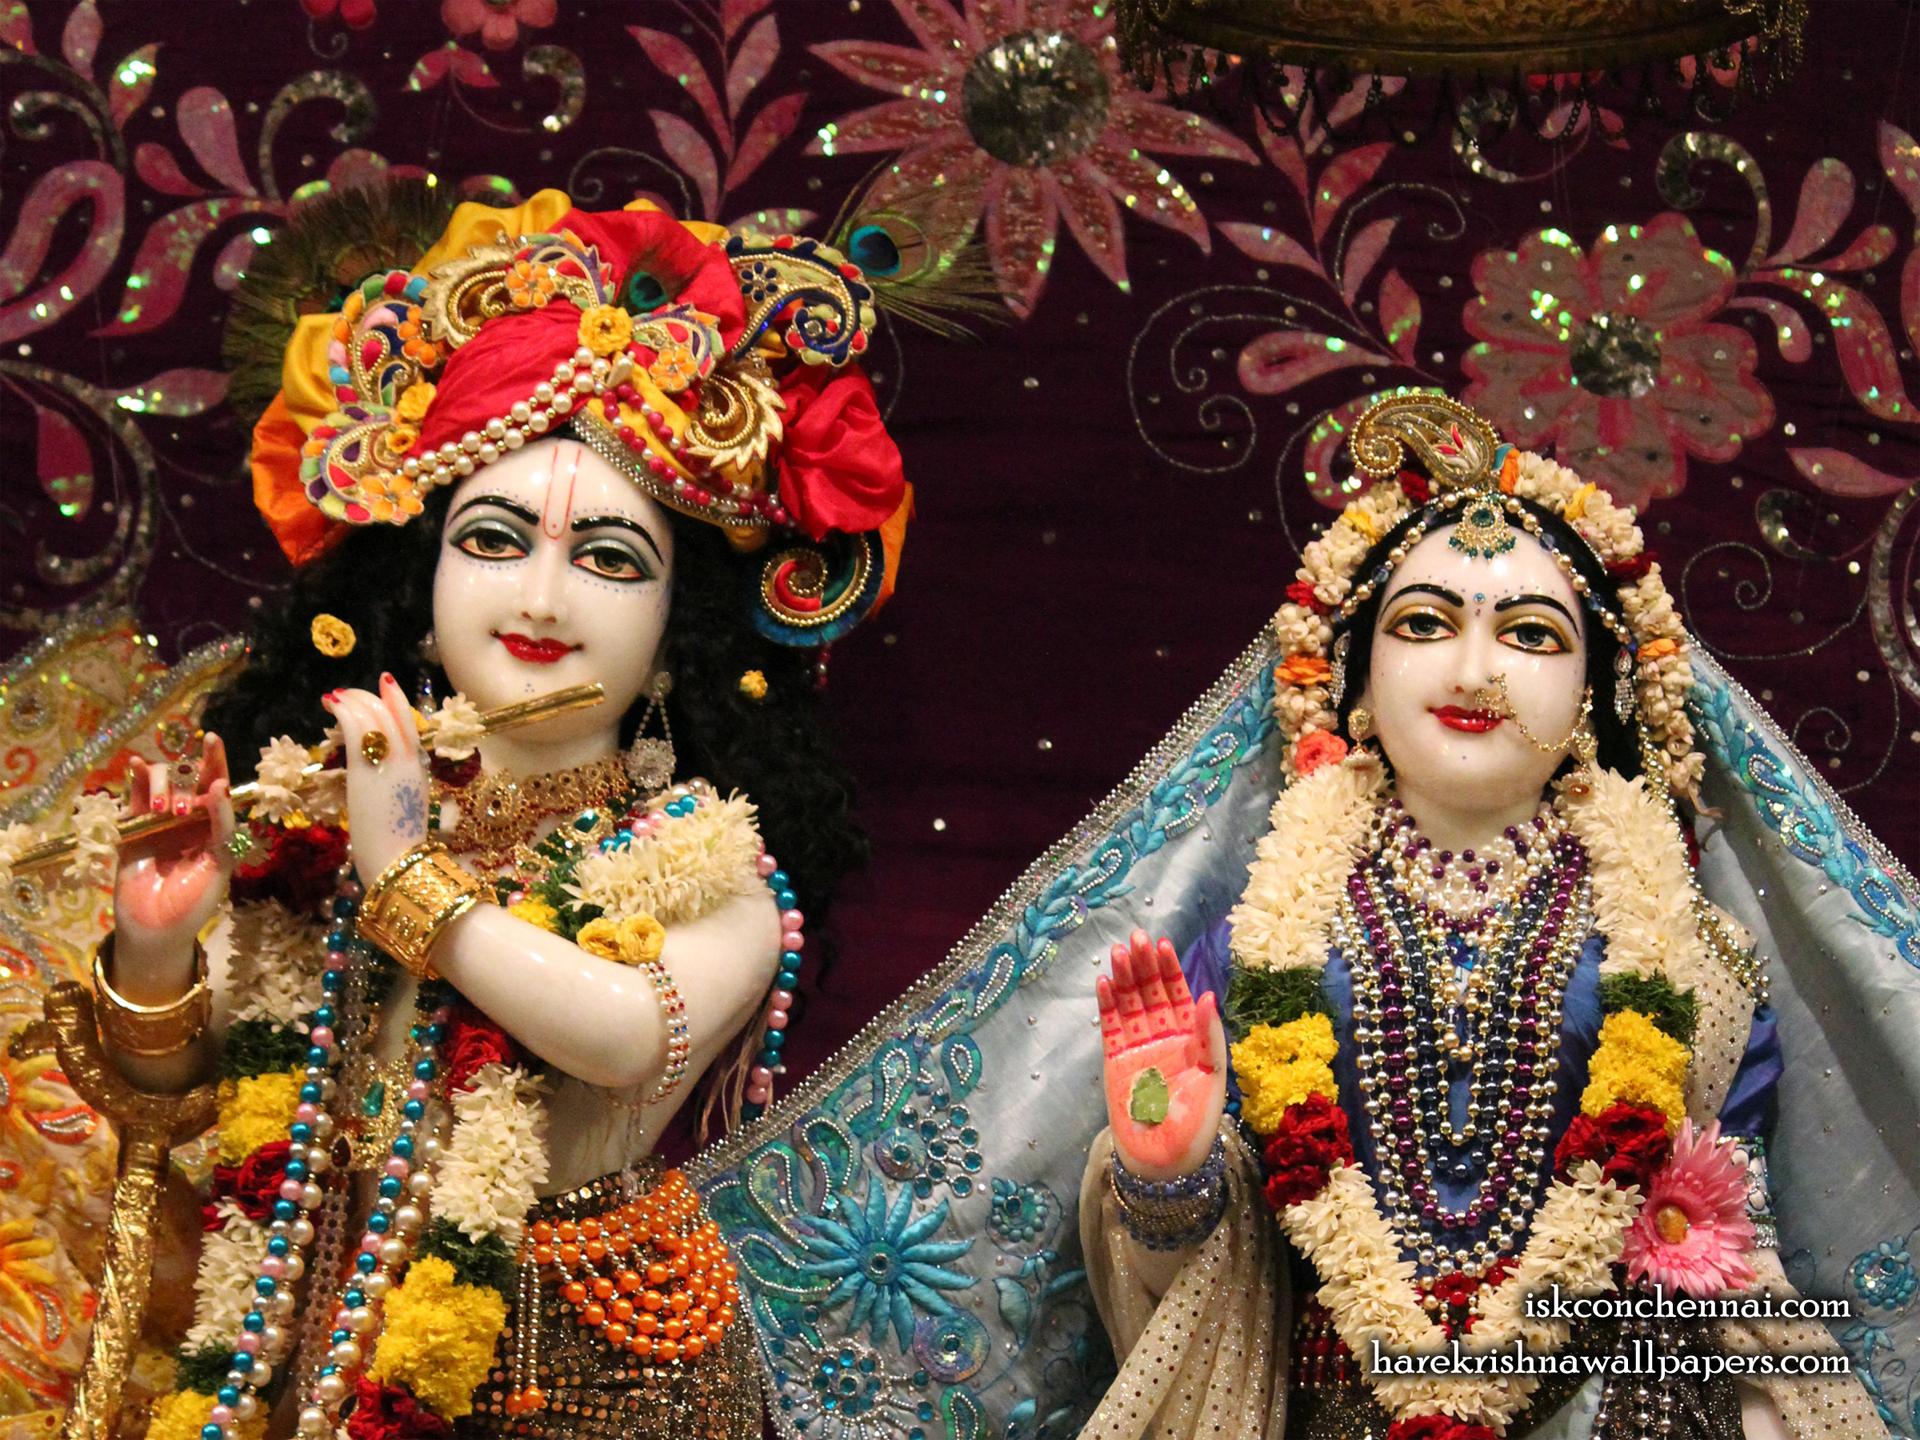 Sri Sri Radha Krishna Close up Wallpaper (012) Size 1920x1440 Download